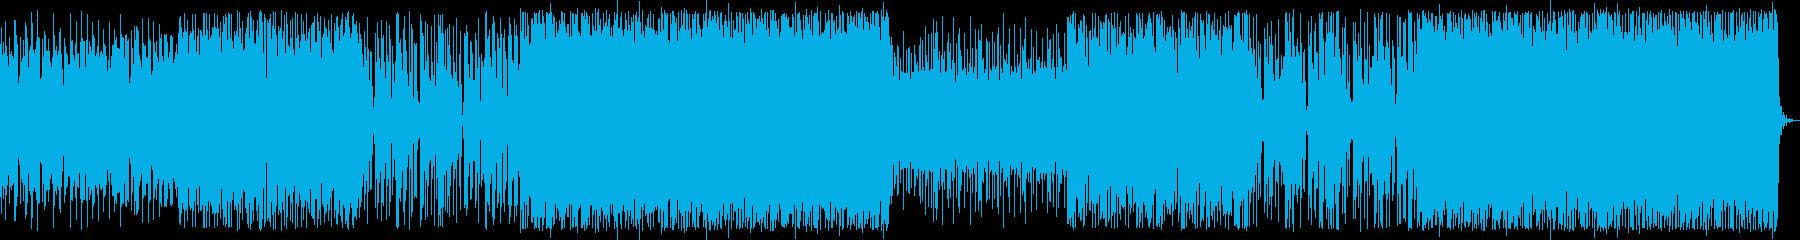 疾走感/エレクトロロック_No471_1の再生済みの波形